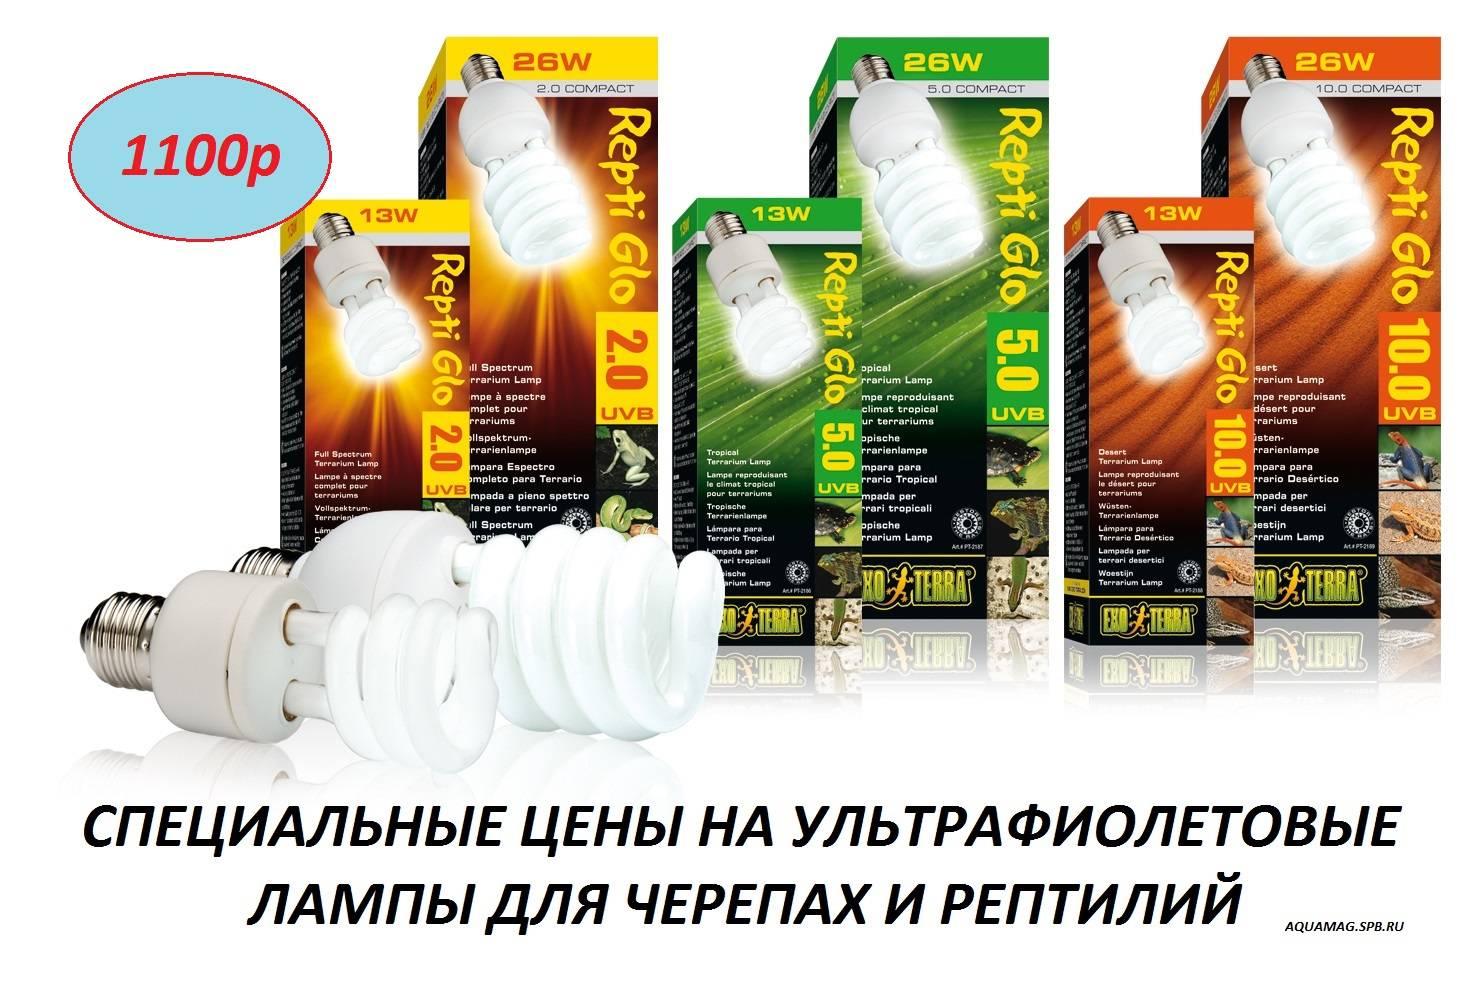 Зеркальная лампа накаливания для черепах. лампы ультрафиолетовые, накаливания для черепах и рептилий. виды искусственного освещения